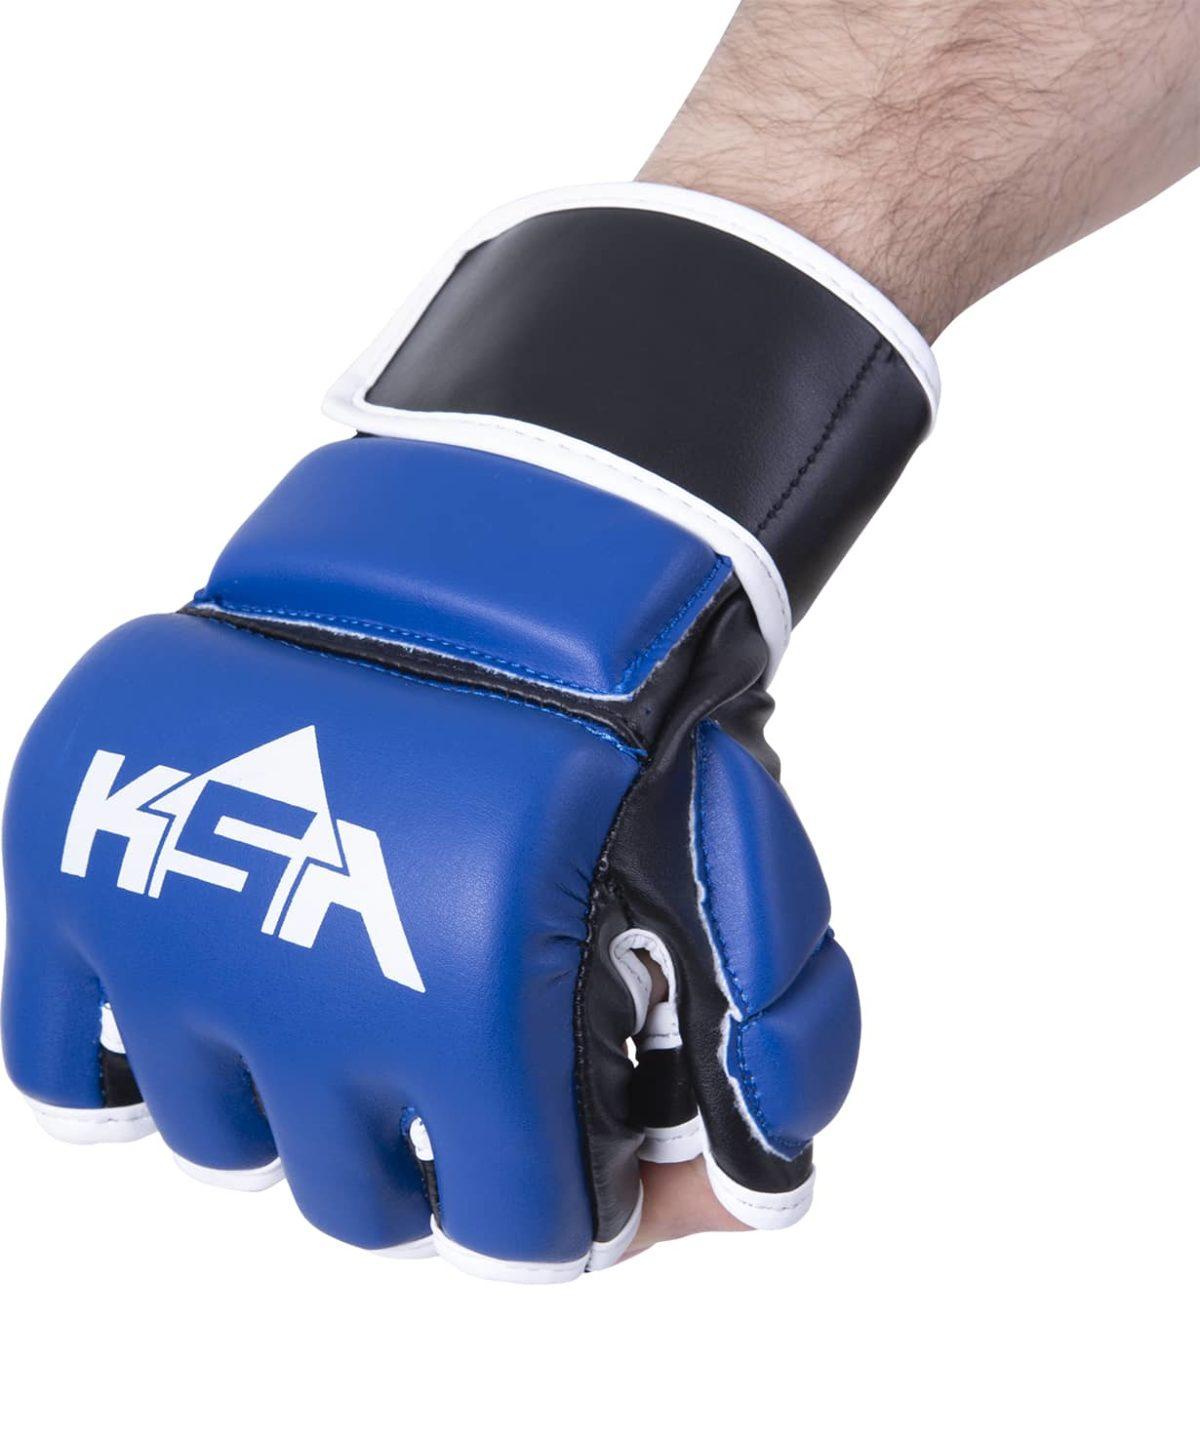 KSA Перчатки для ММА Wasp Blu, к/з 7850 - 2